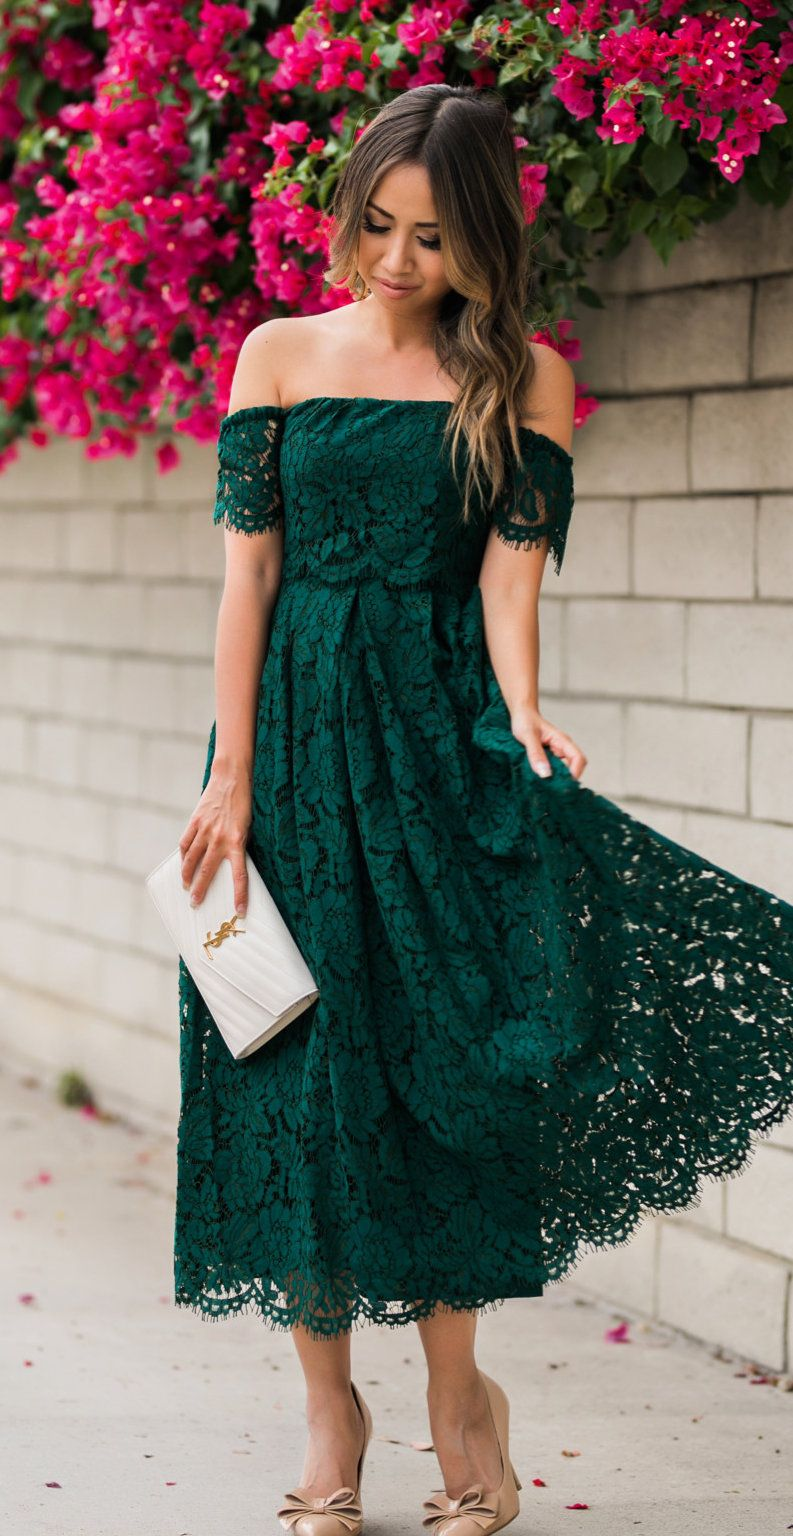 92602fbde3895 winter #outfits green floral off-shoulder dress | Dresses | Dresses ...